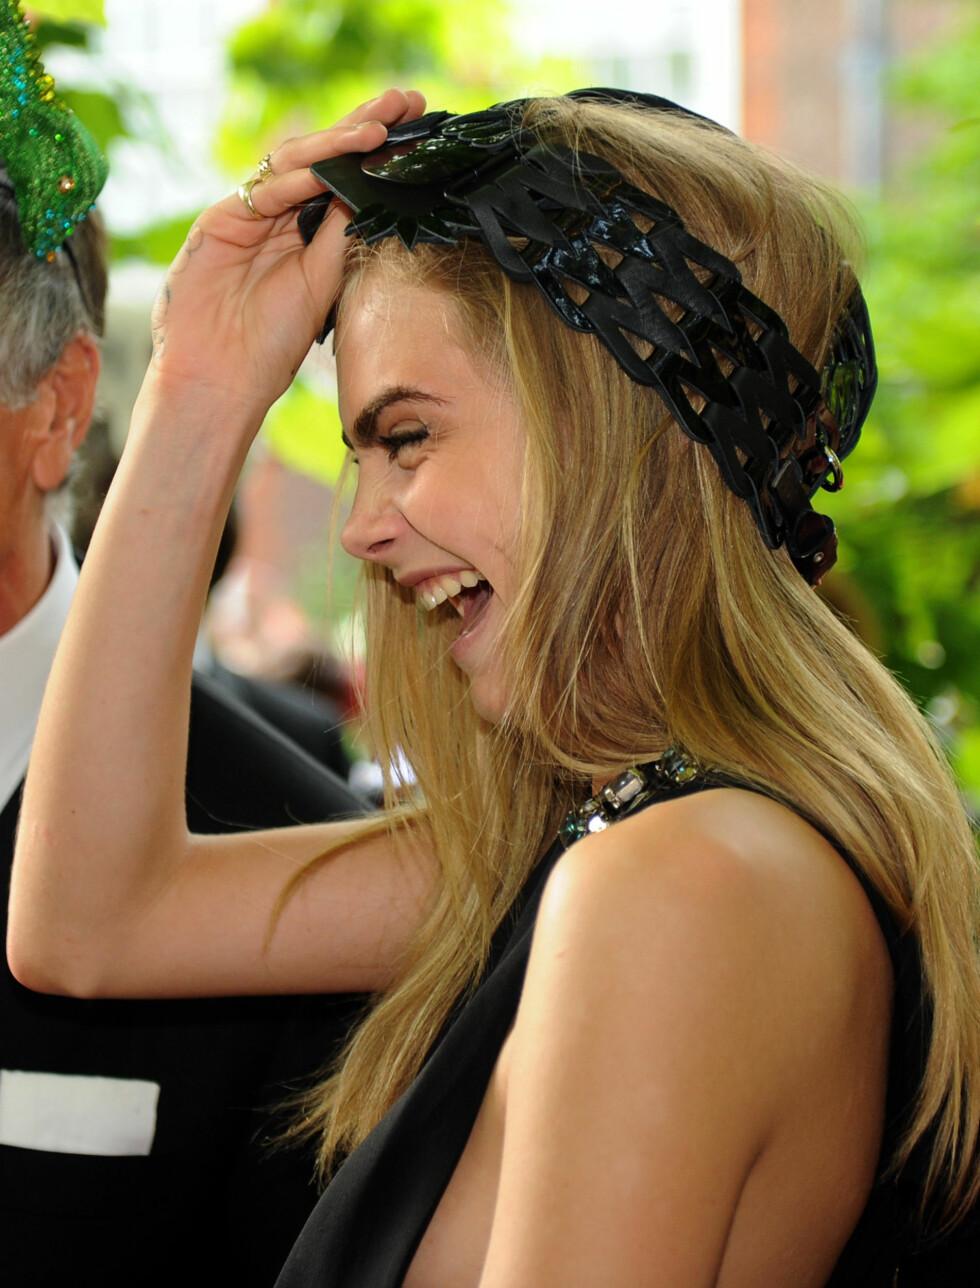 VILL OG VAKKER: 20 år gamle Cara er kjent for sin noe løsslupne oppførsel og vennskapet med r&b-stjernen Rita Ora. Hun moret seg kostelig på tirsdagens gallatilstelning.  Foto: All Over Press